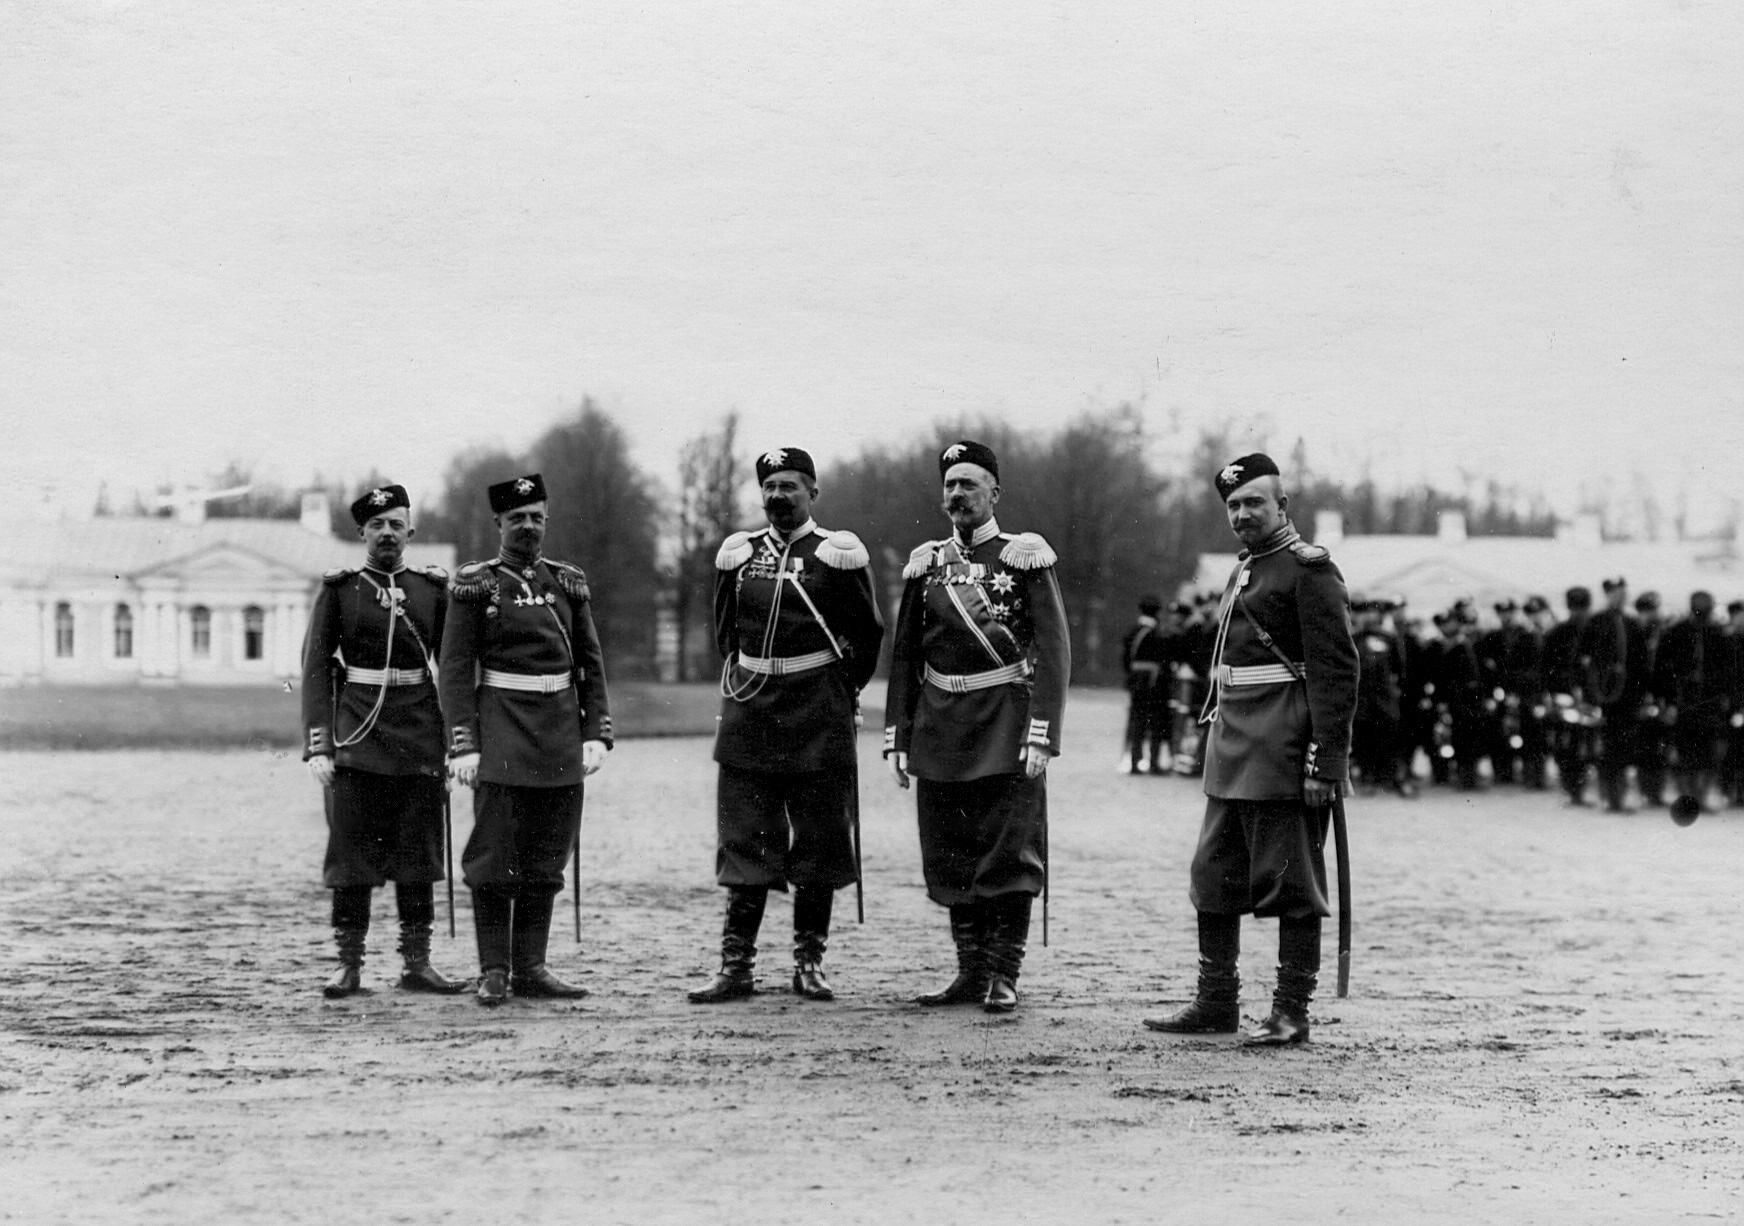 Группа генералов и офицеров батальонов на параде